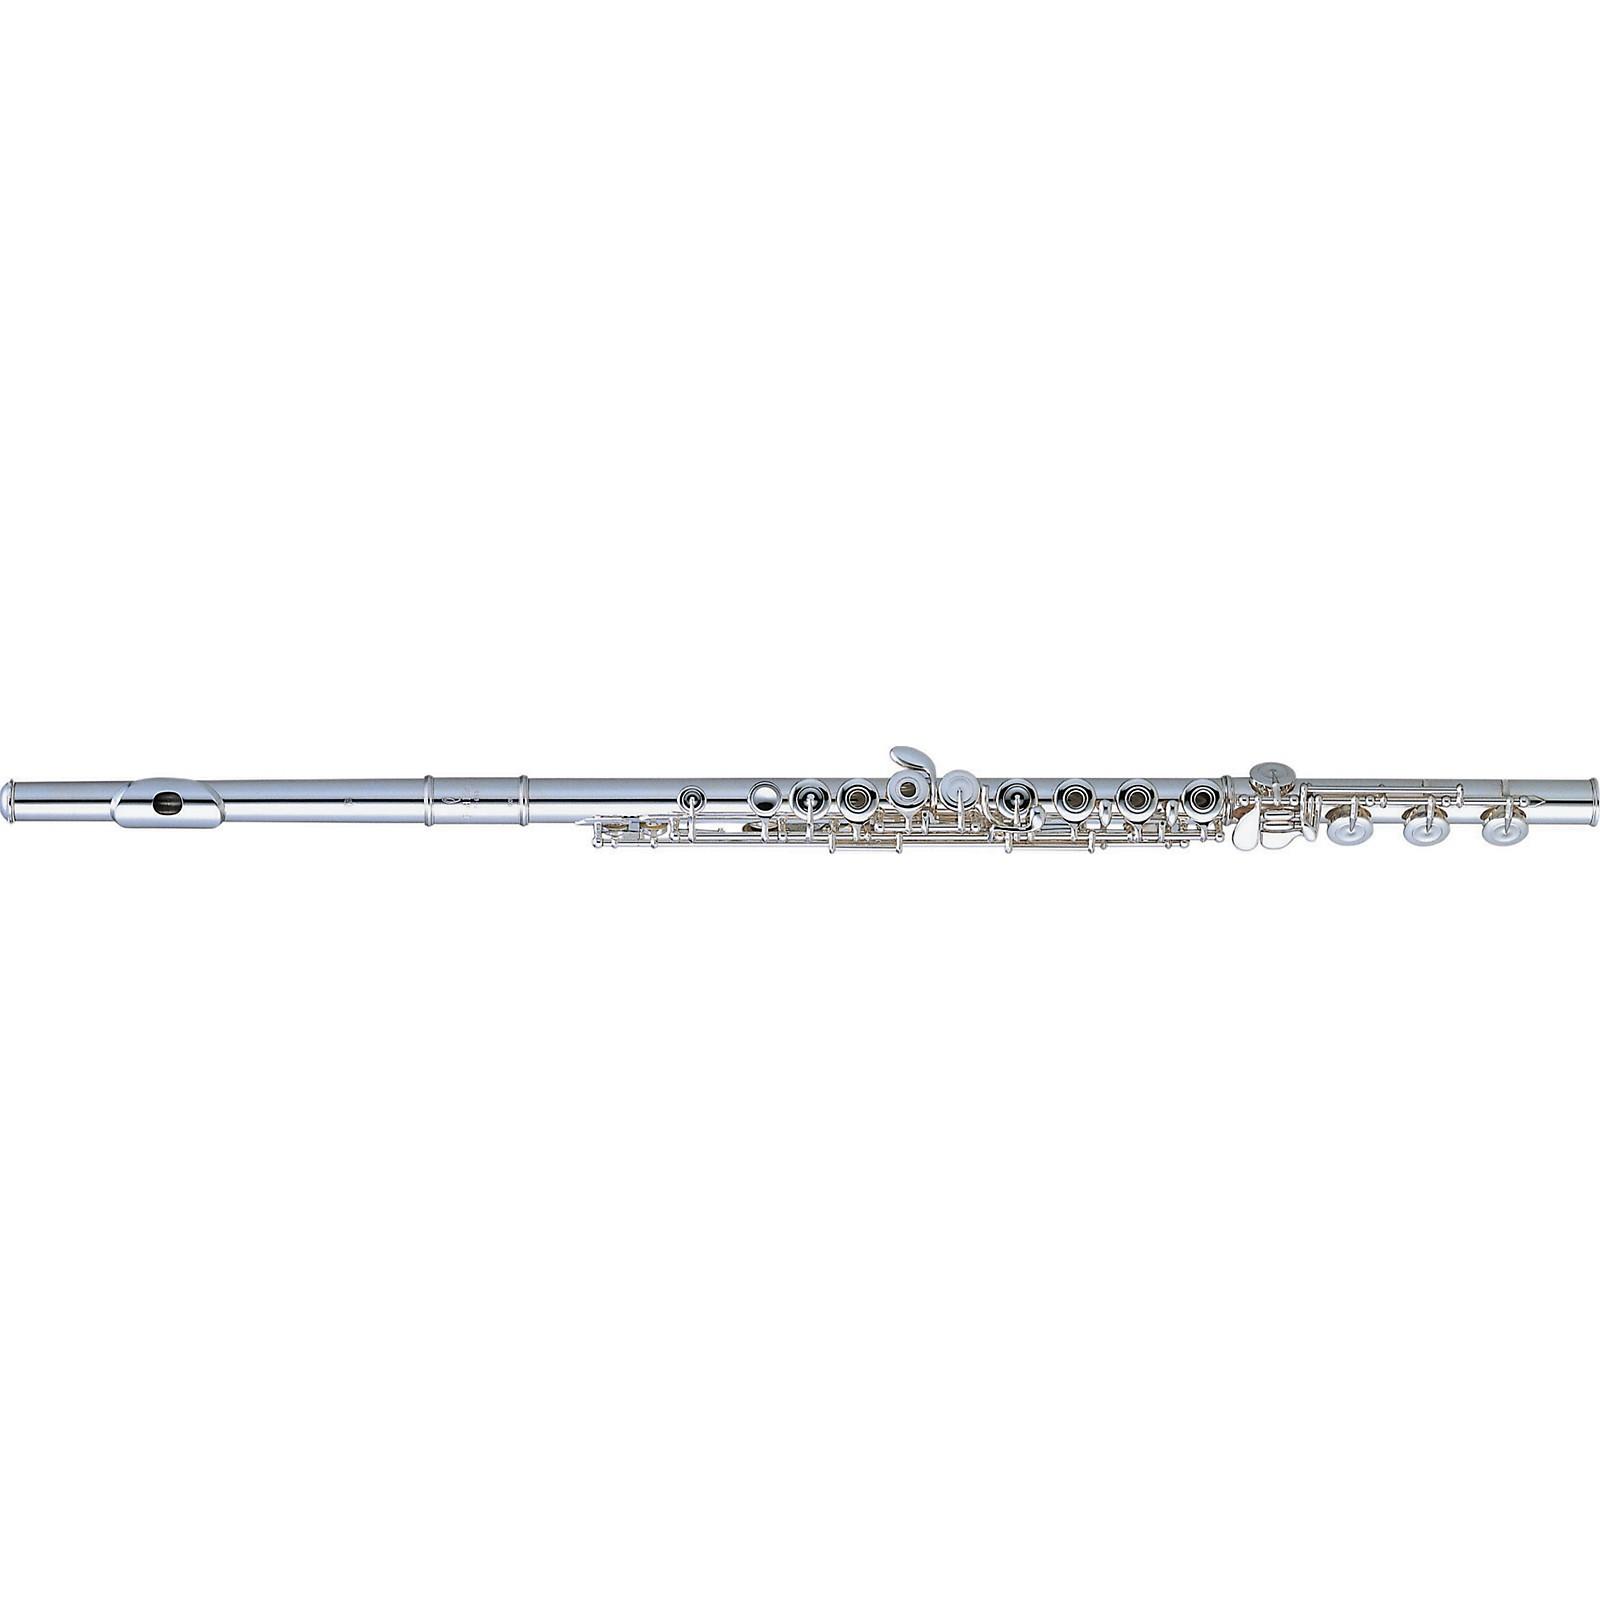 Pearl Flutes Quantz 665 Series Flutes